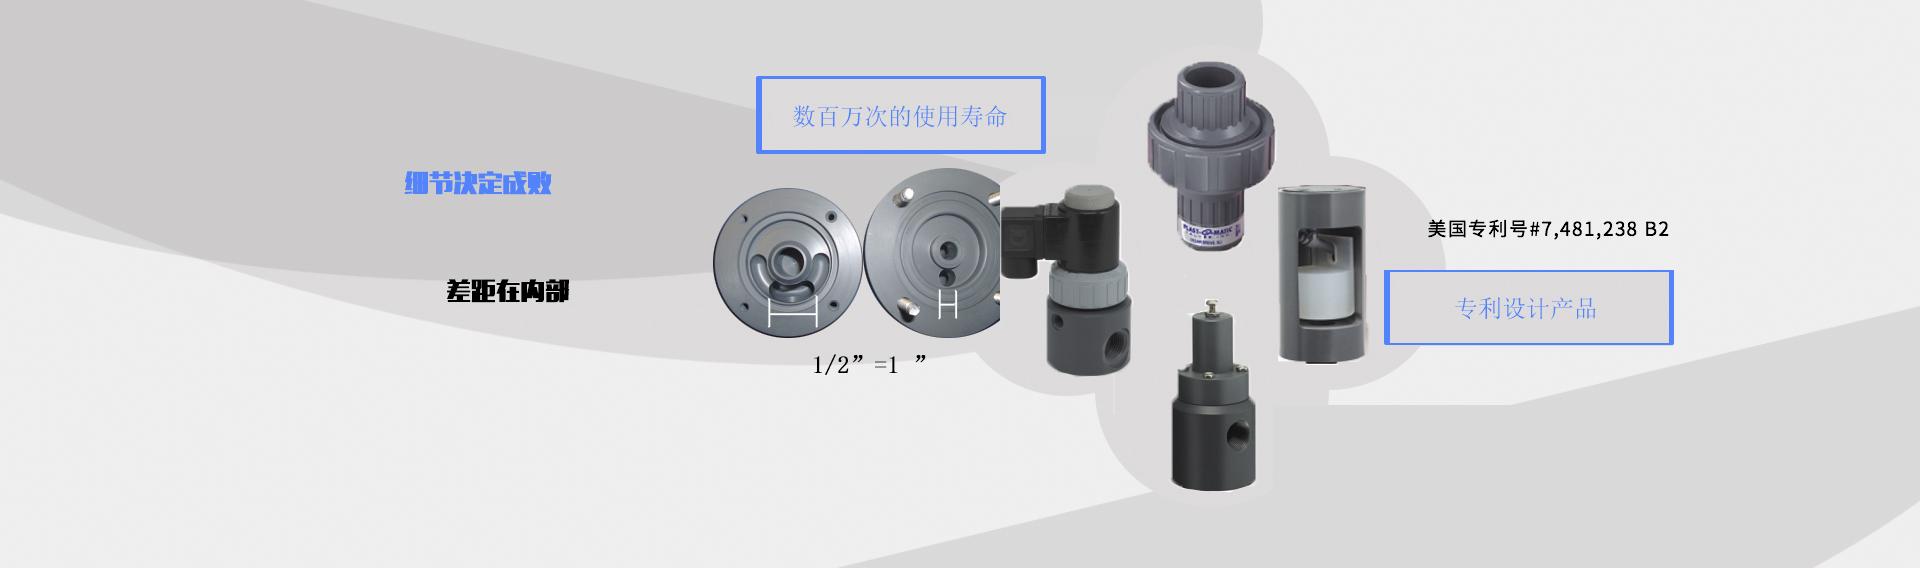 进口超纯专用工程塑料阀门